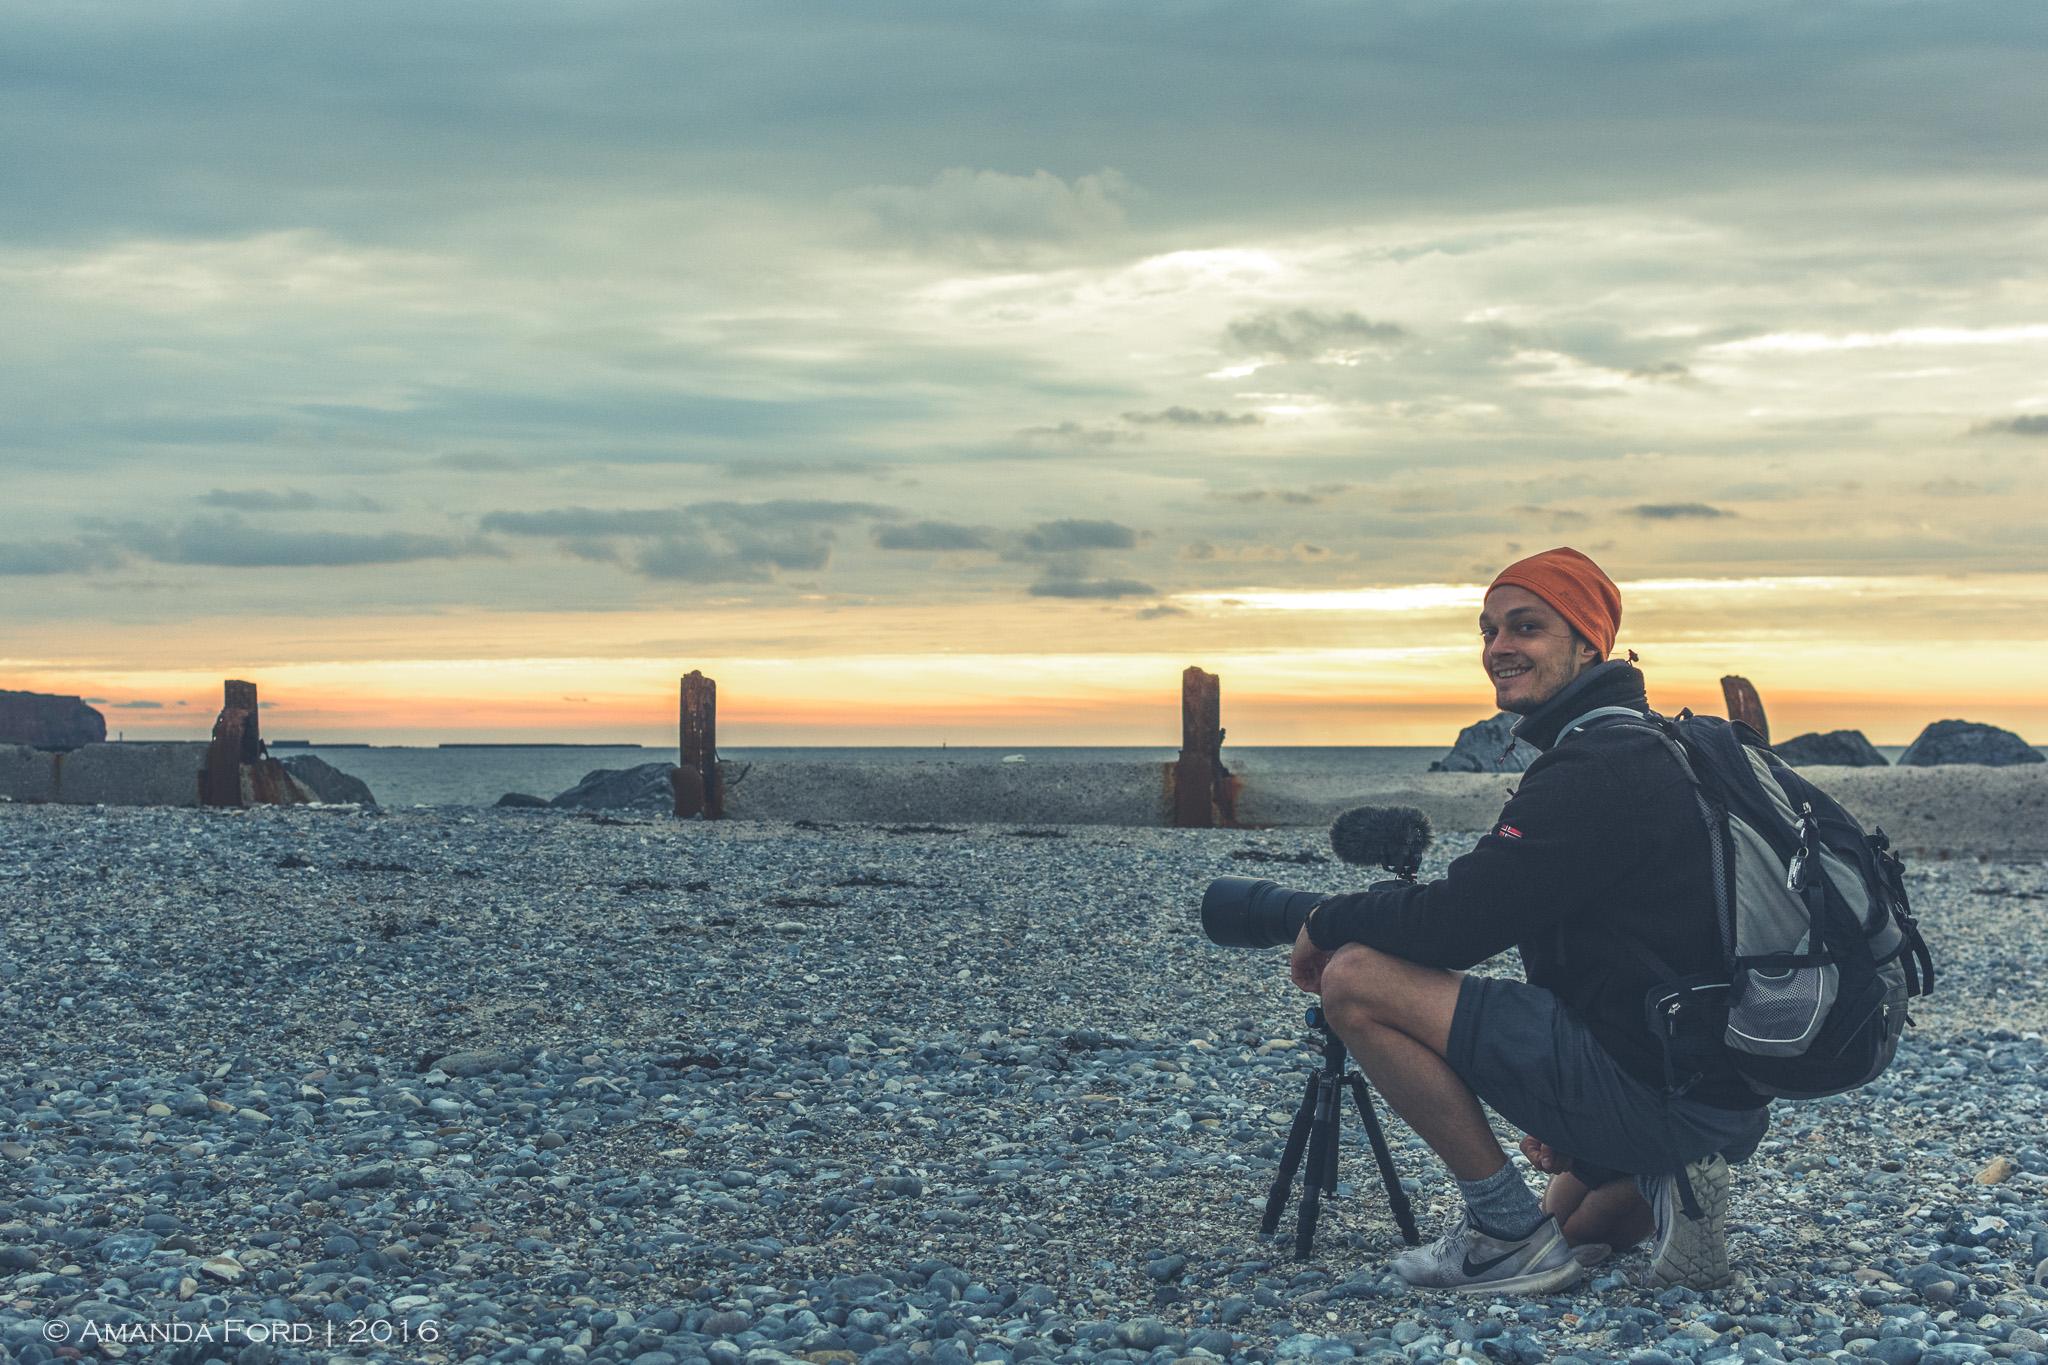 Tom Vierus, north beach, helgoland, the dune